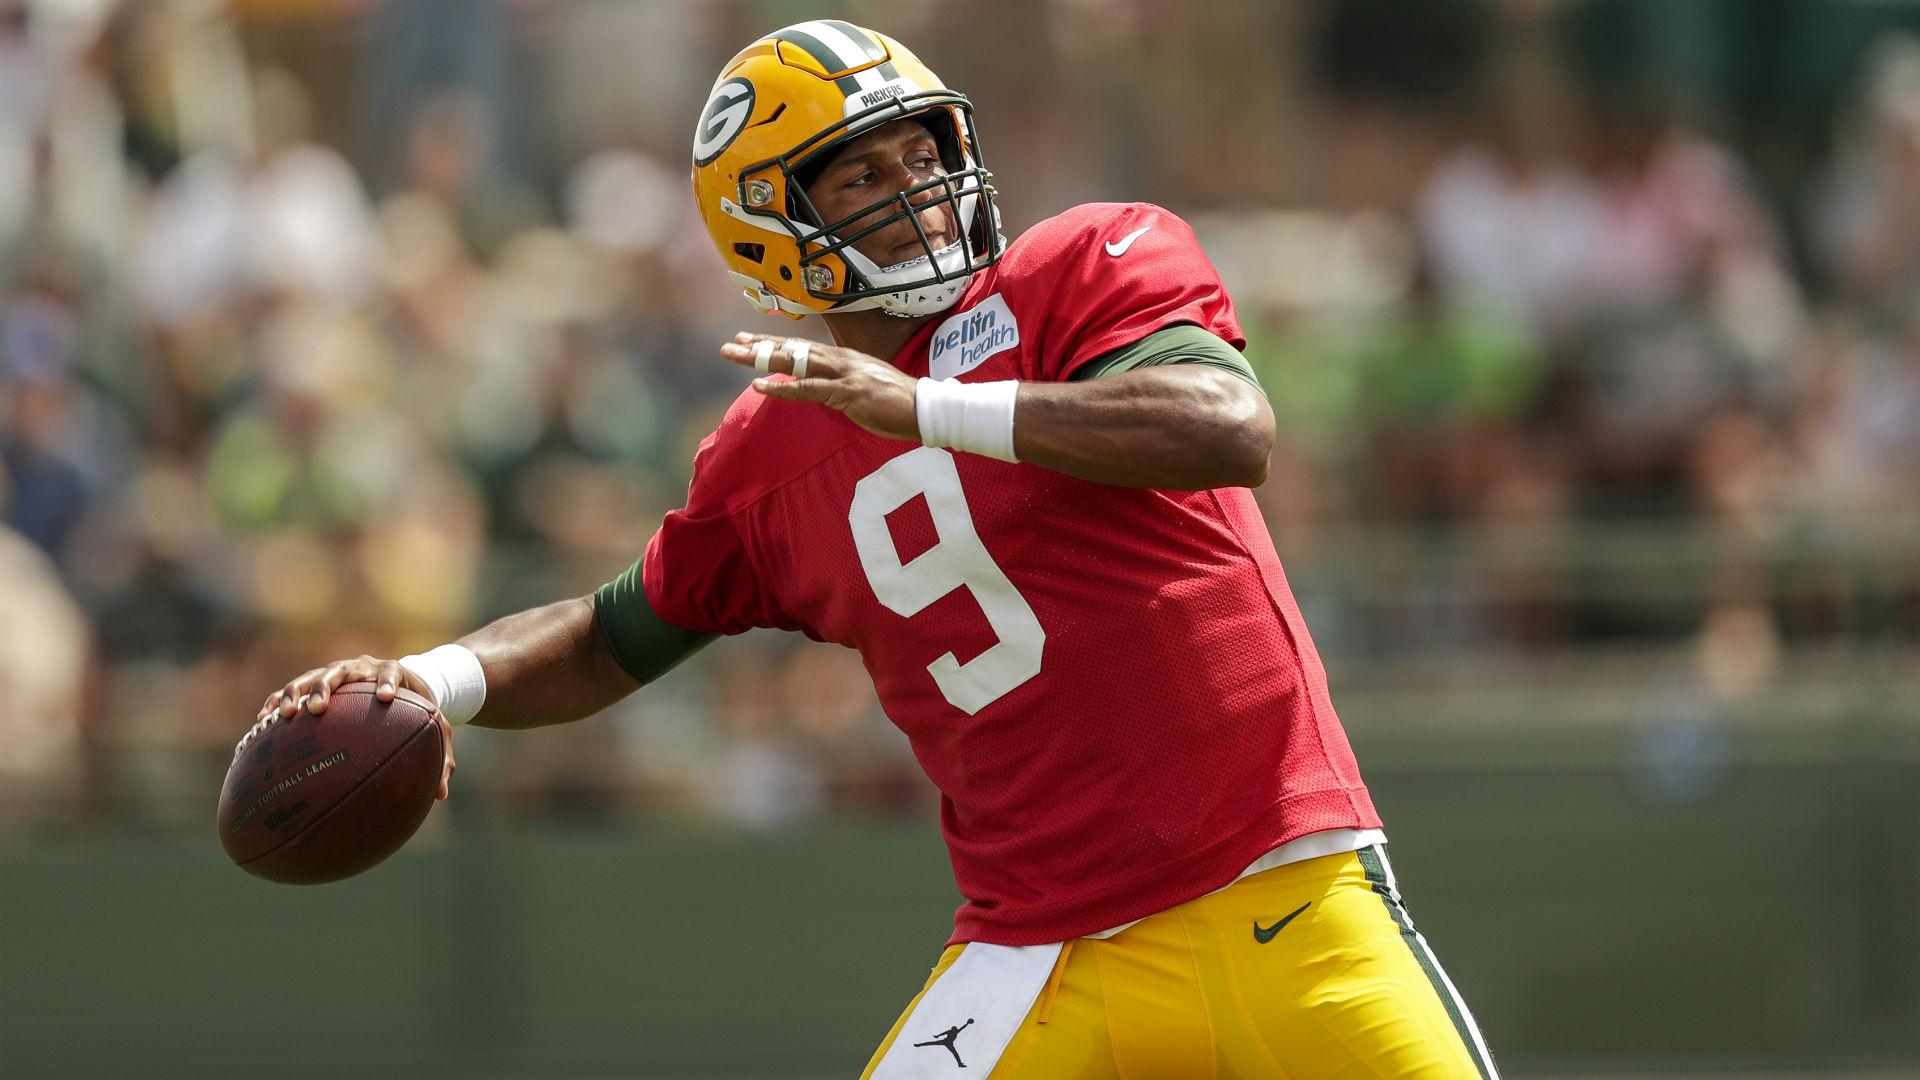 DeShone-Kizer-080618-Packers-FTR.jpg